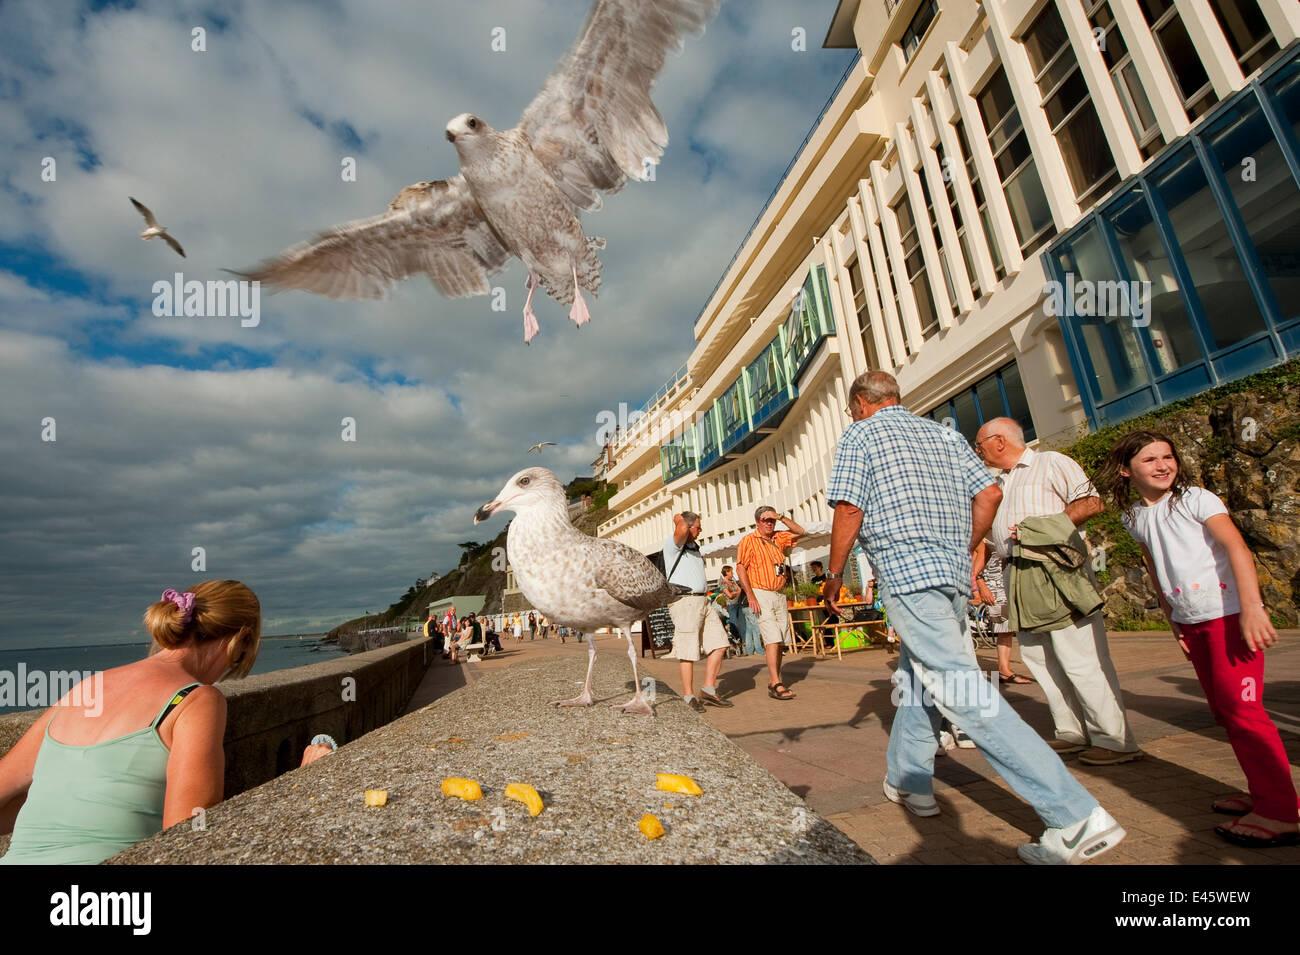 Goéland argenté (Larus argentatus) swooping vers le bas pour se nourrir de jetons dans une station balnéaire Photo Stock